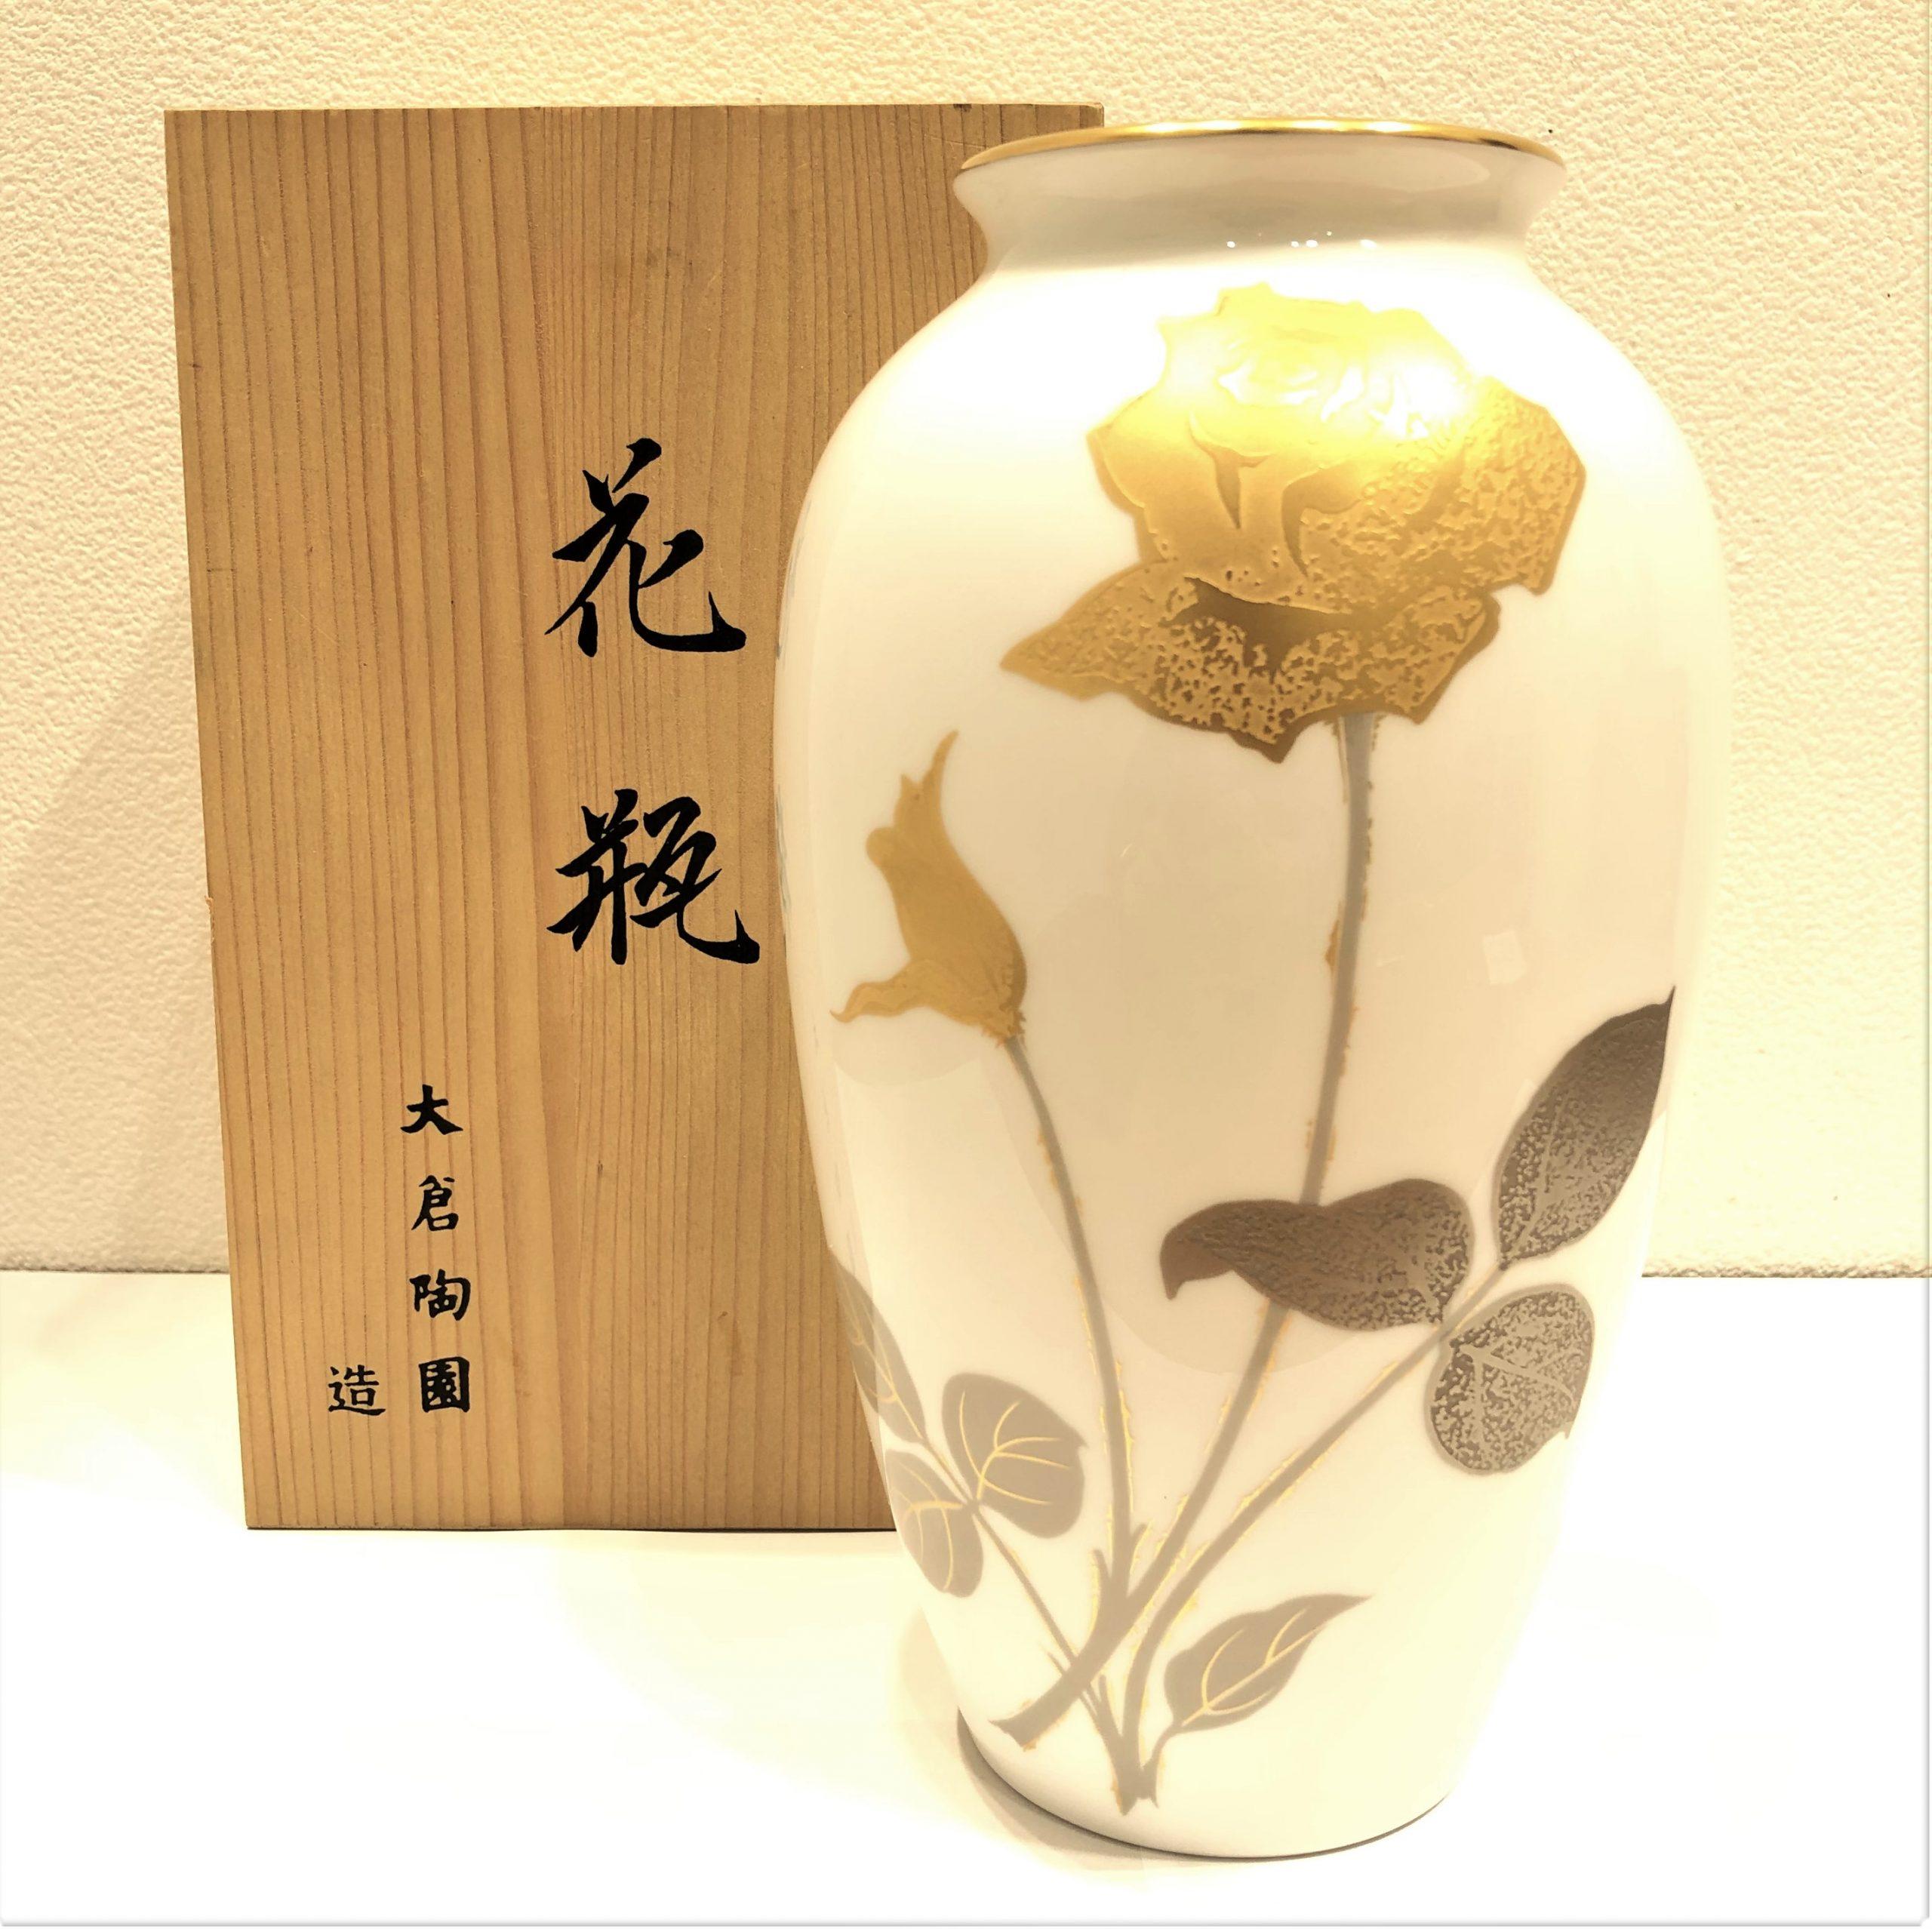 大倉陶園 花瓶 金彩薔薇